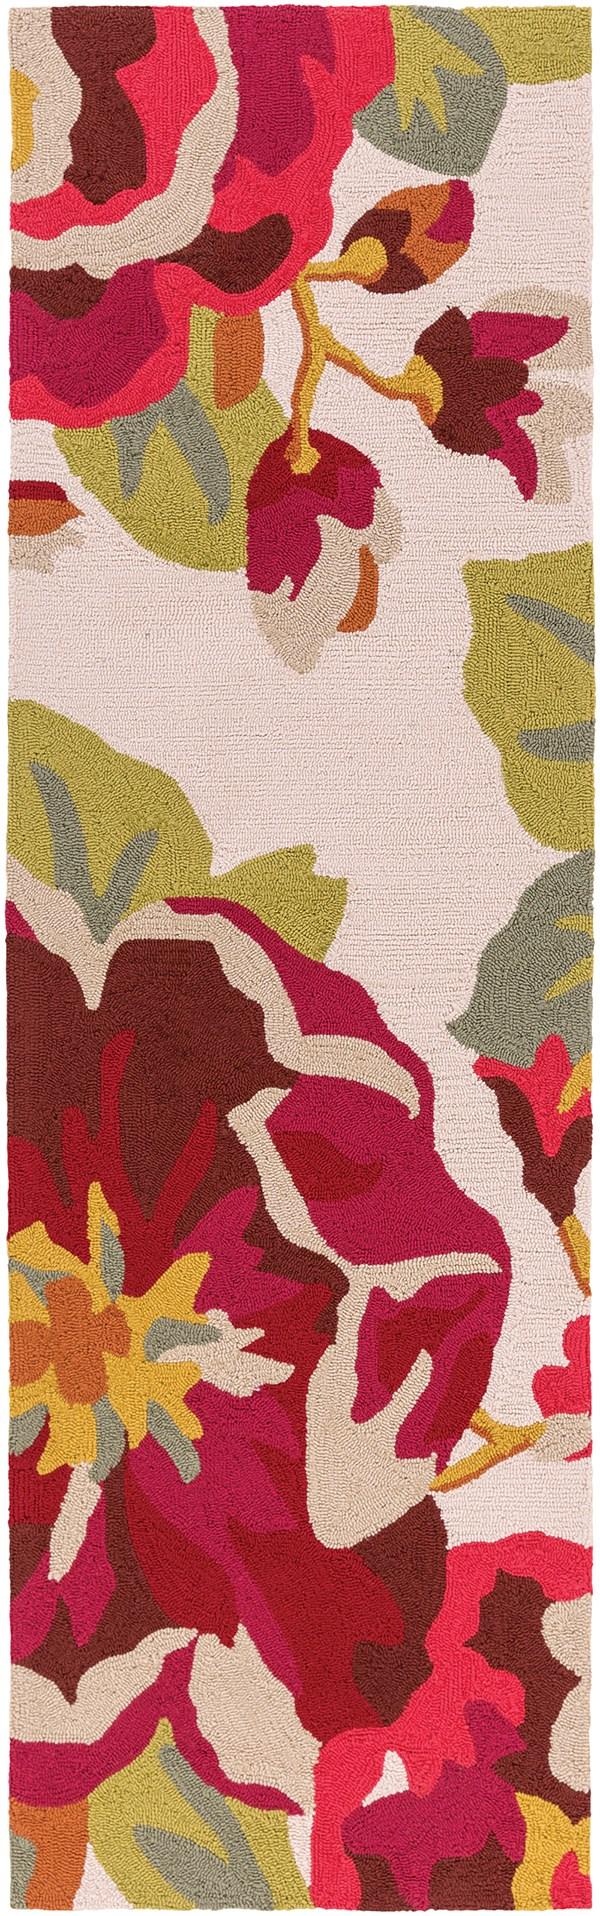 Cherry, Burgundy, Ivory Outdoor / Indoor Area Rug